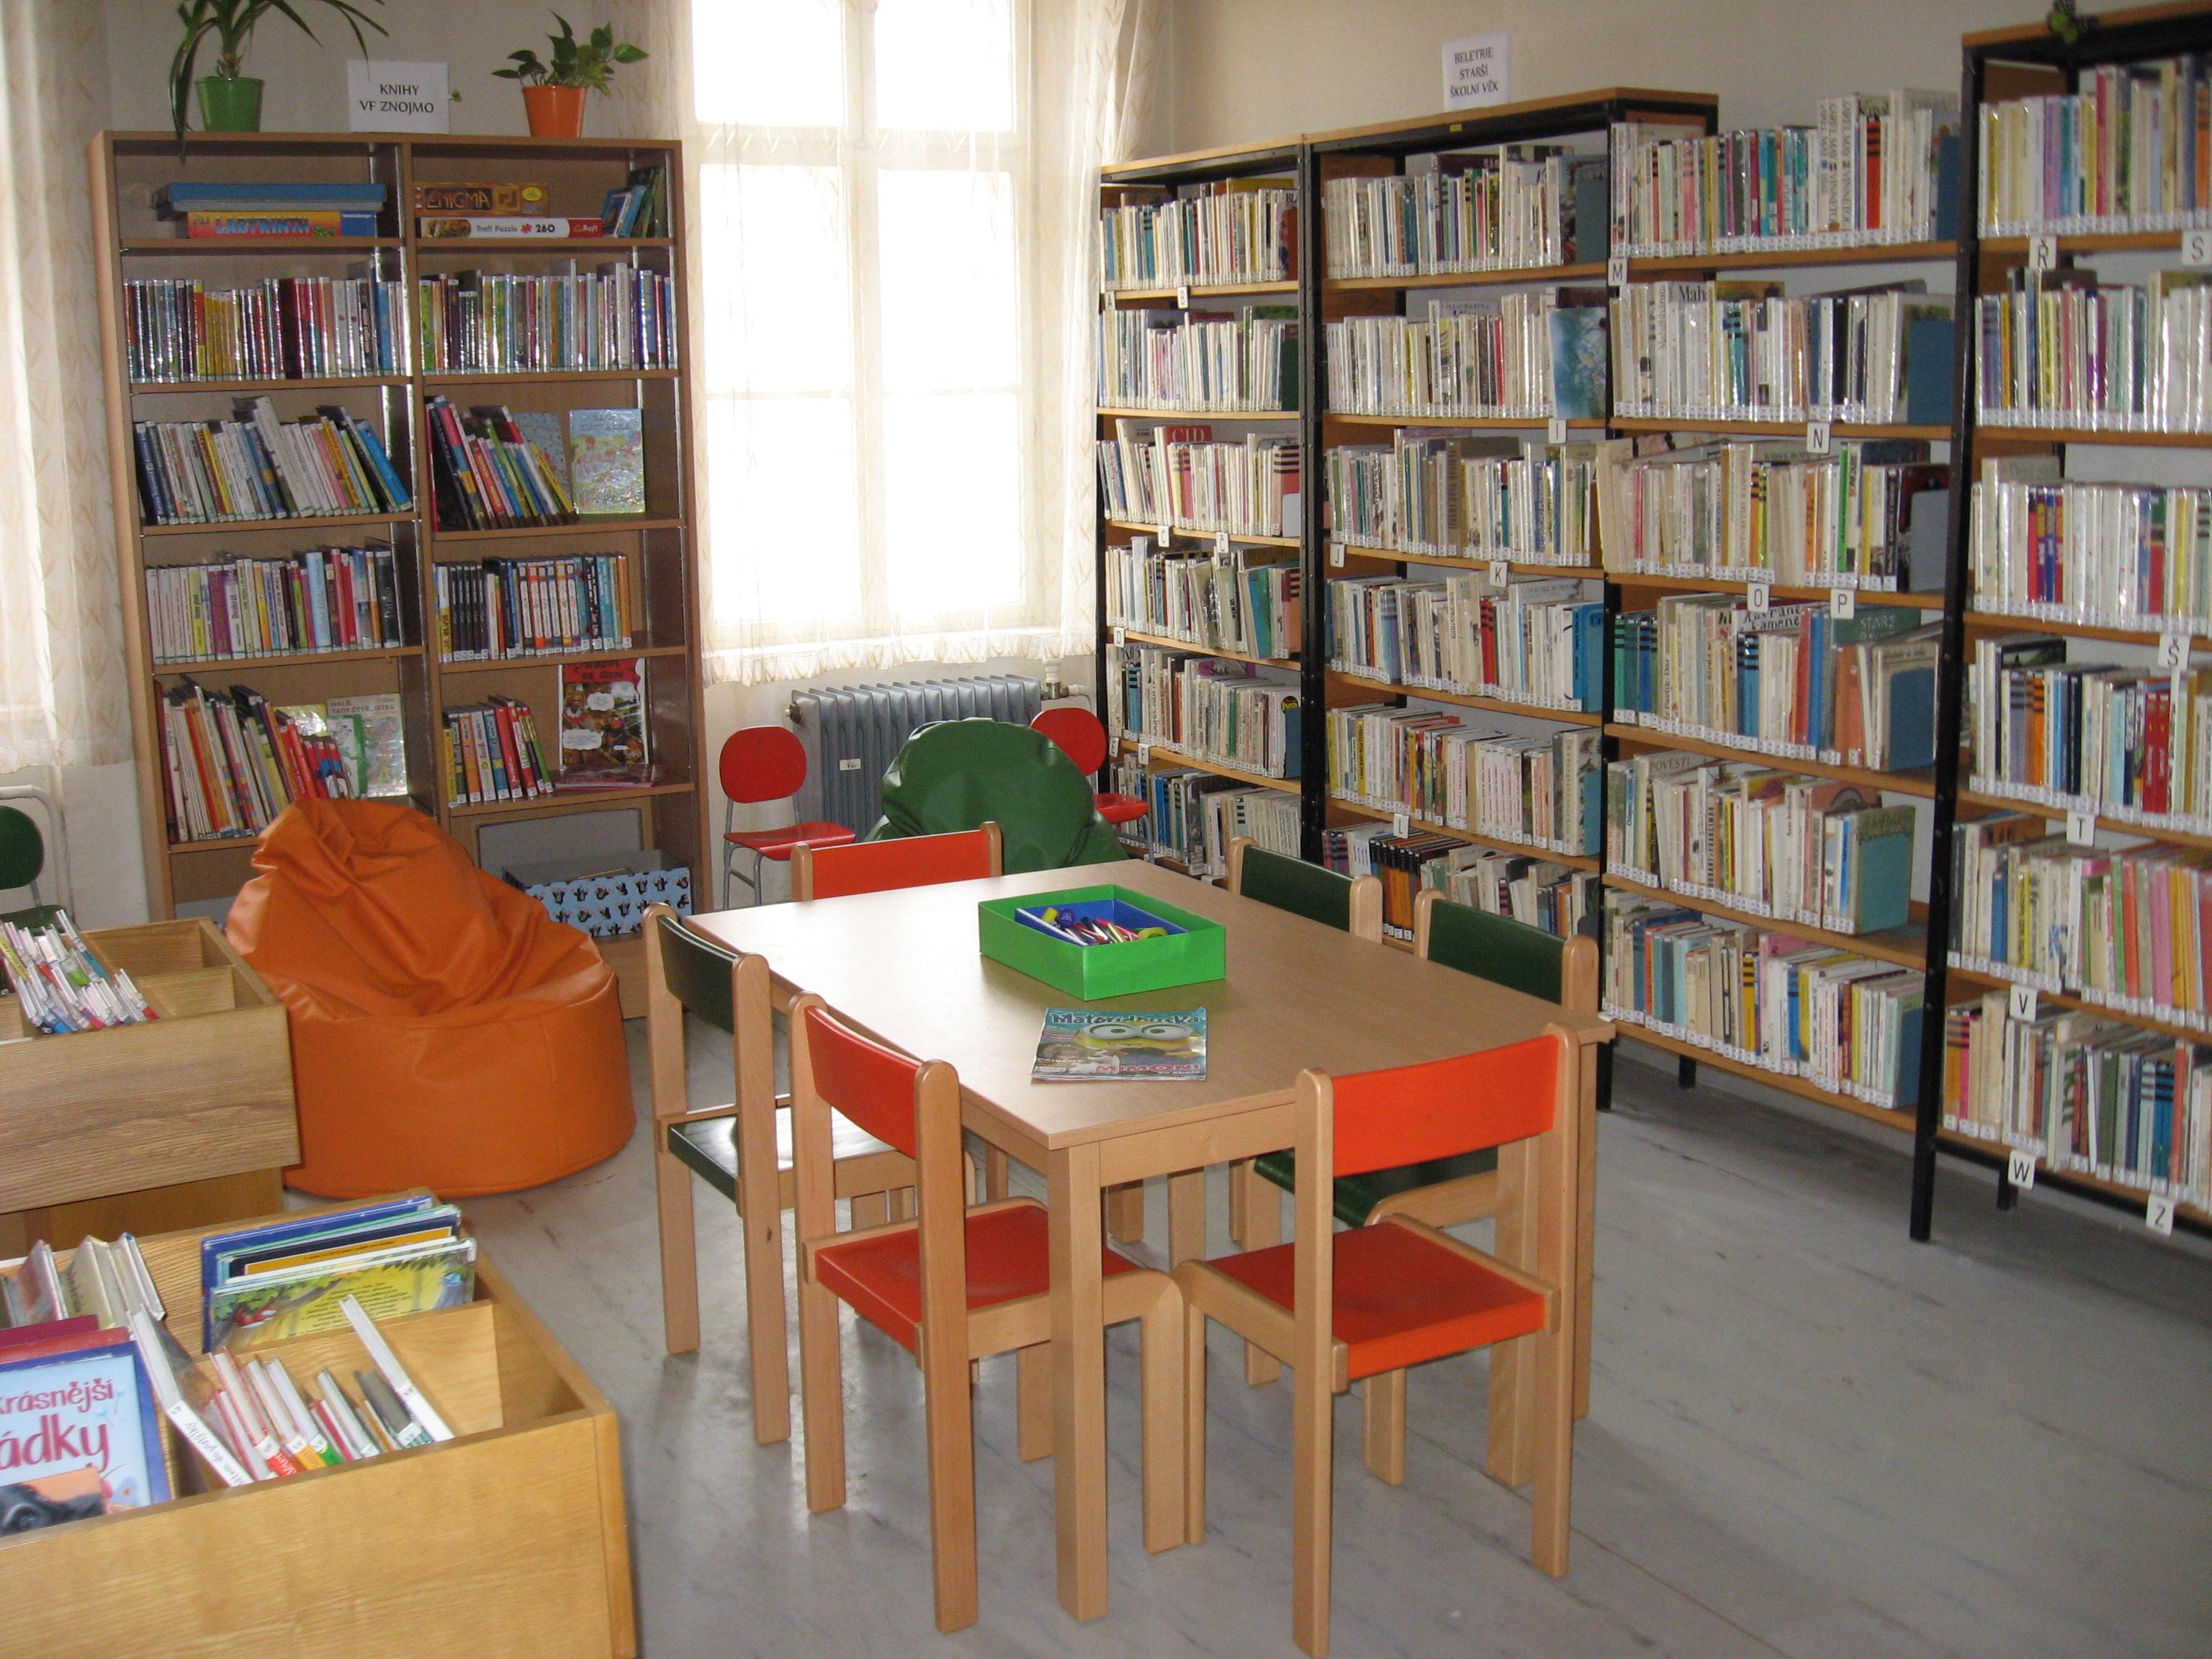 OBRÁZEK : knihovna_interier2.jpg